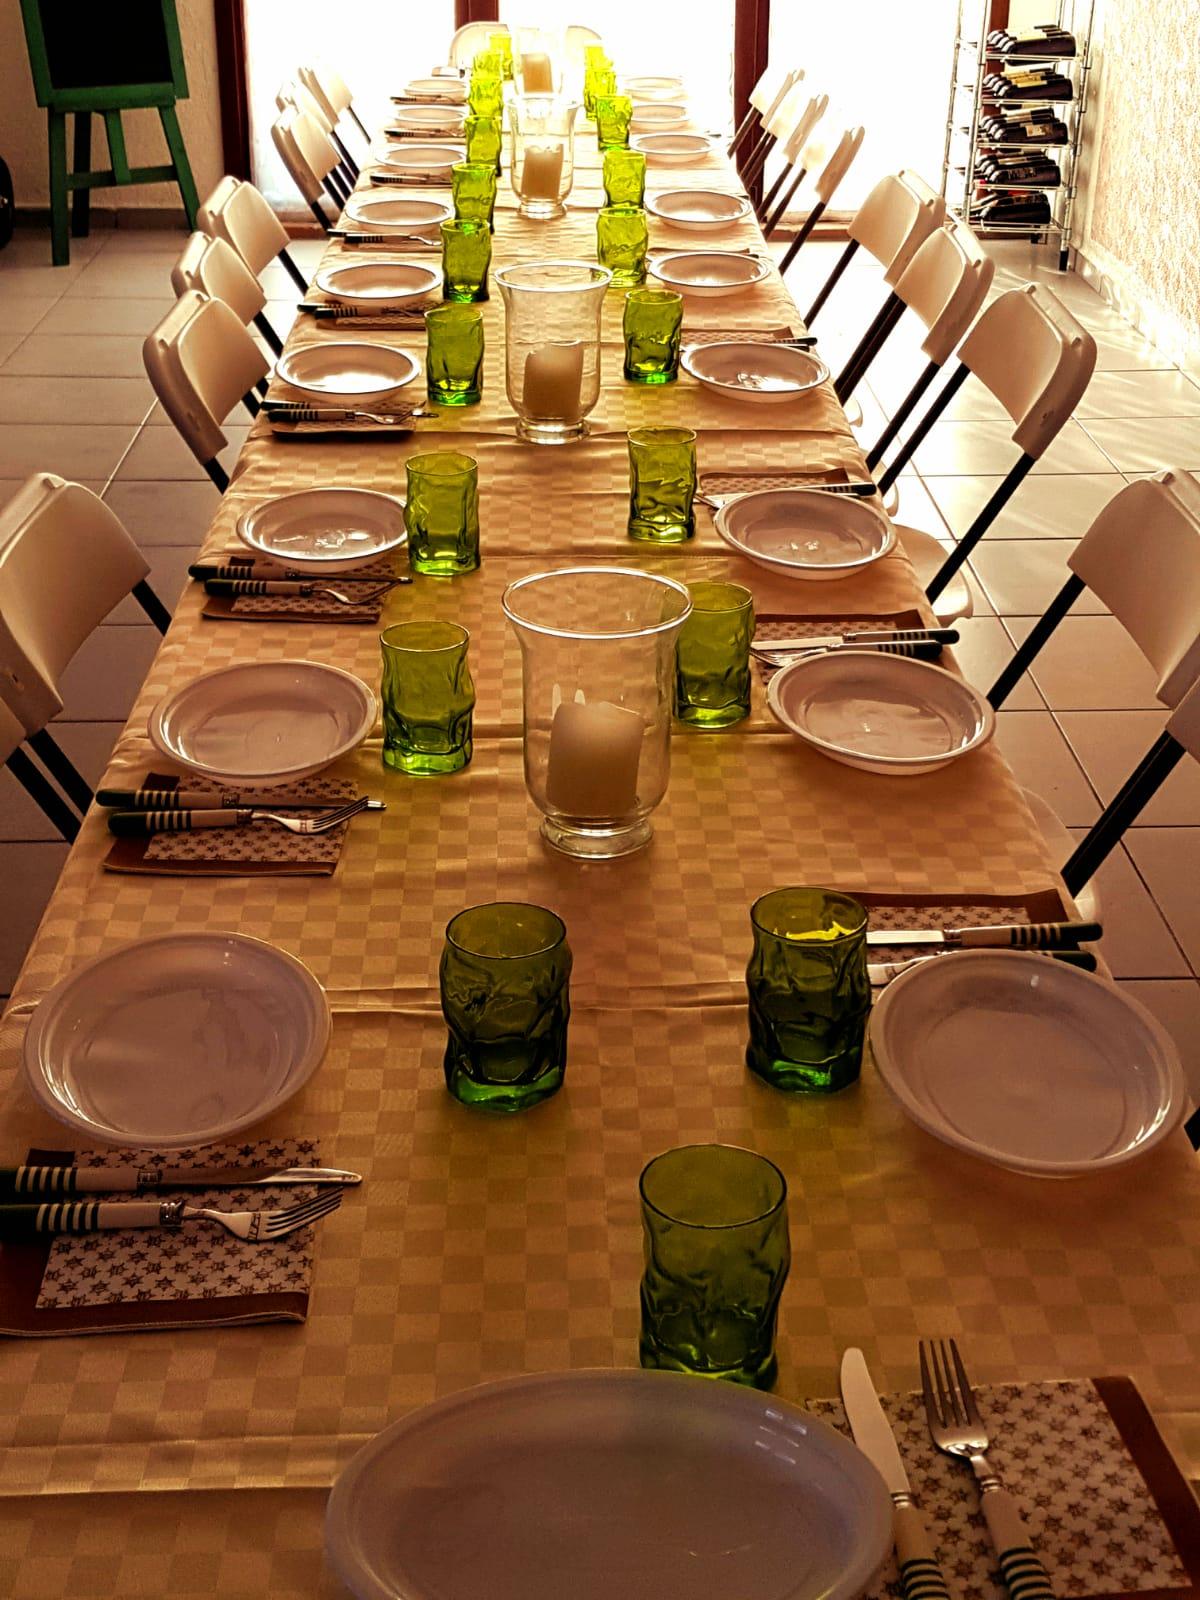 sala apparecchiata per cena tra amici